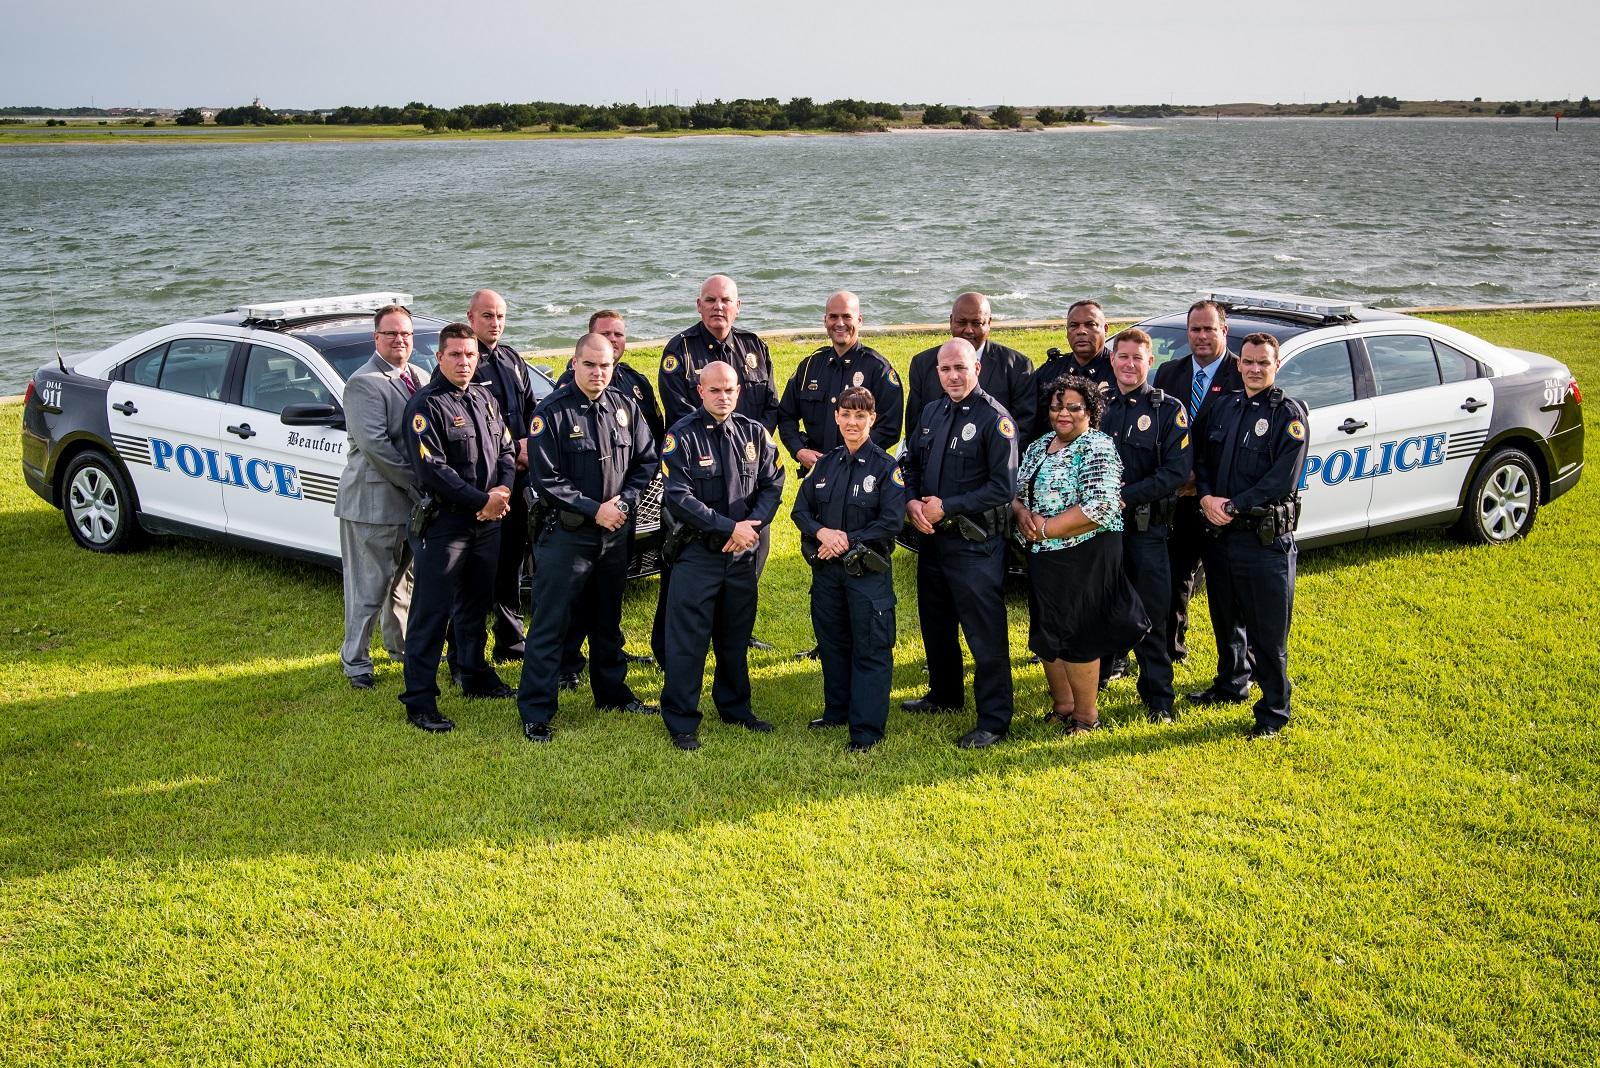 Beaufort Police Department